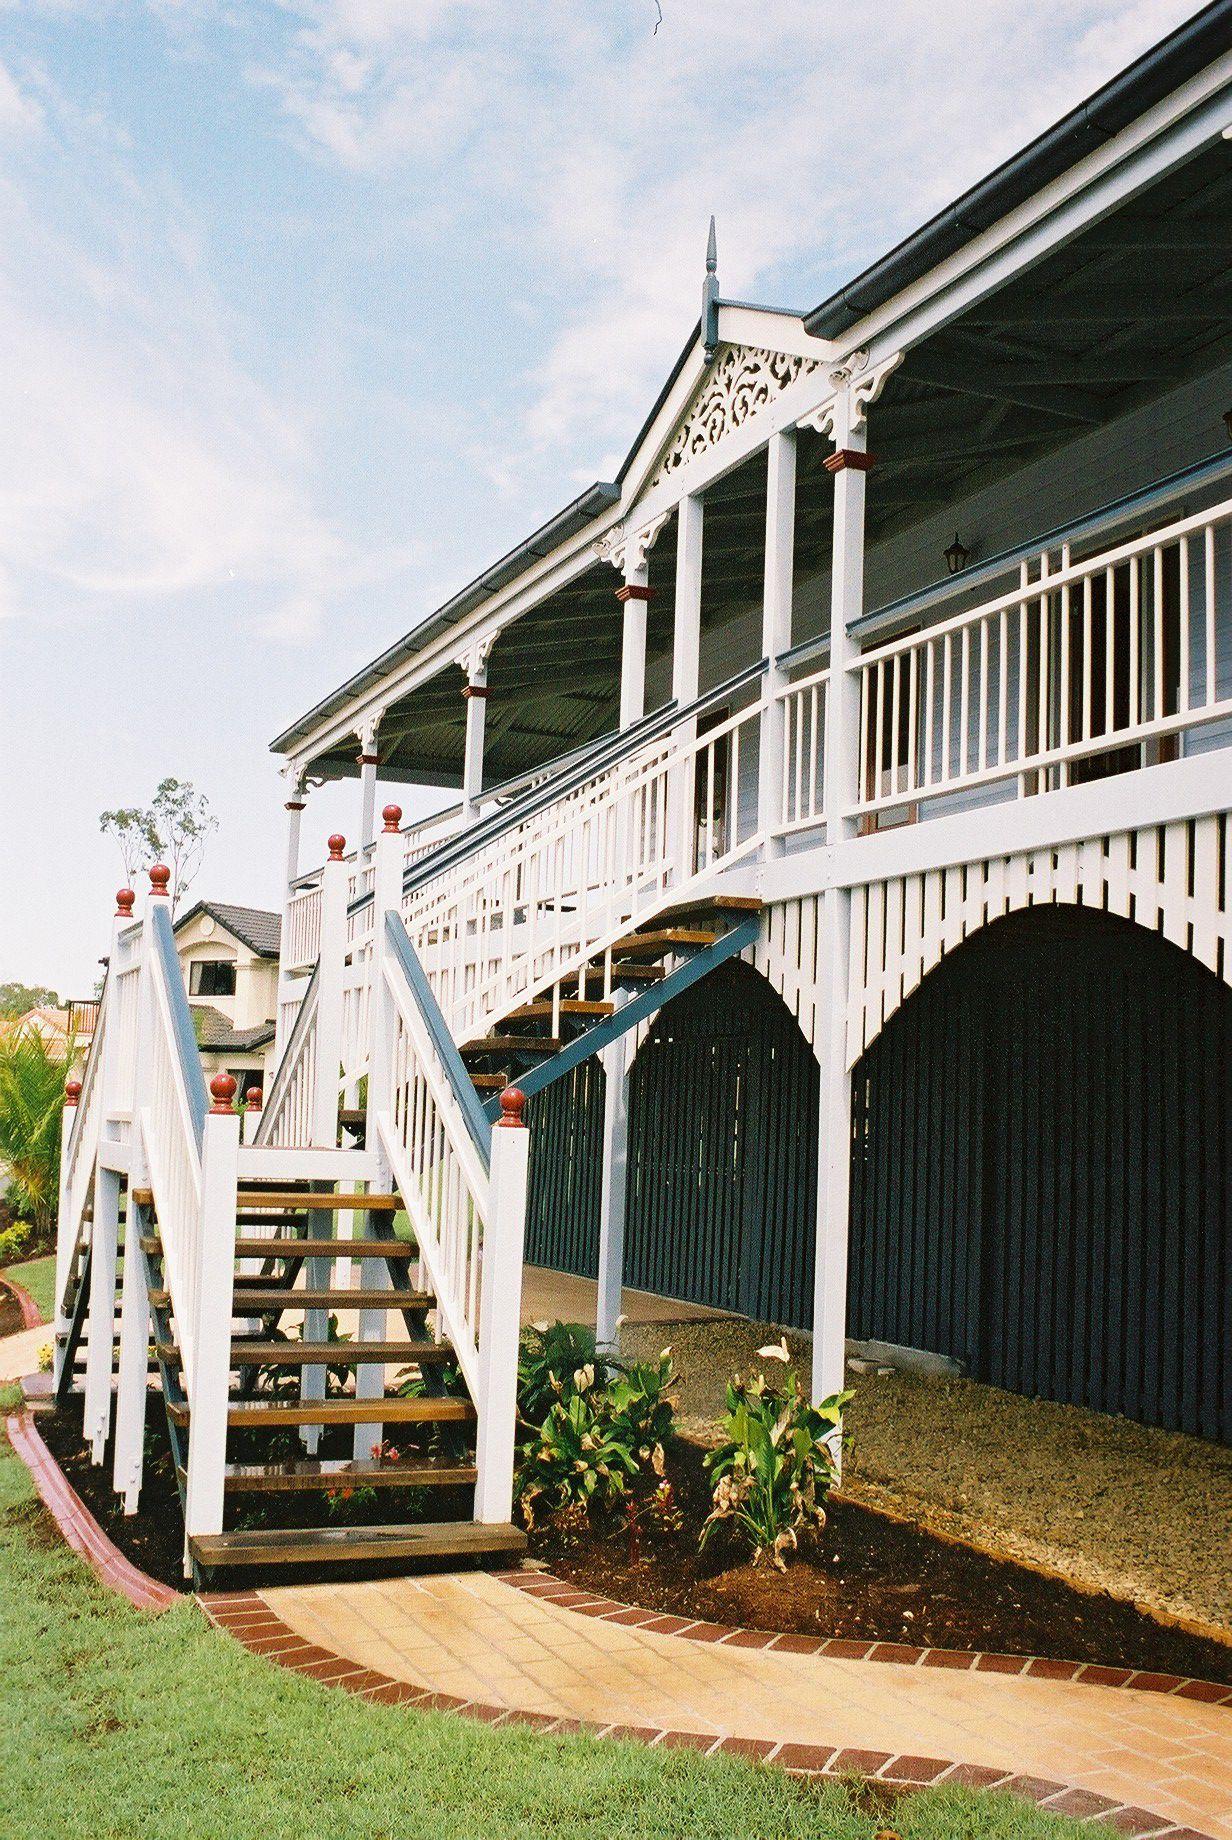 Classic queenslander old queenslander homes pinterest for Classic queenslander house